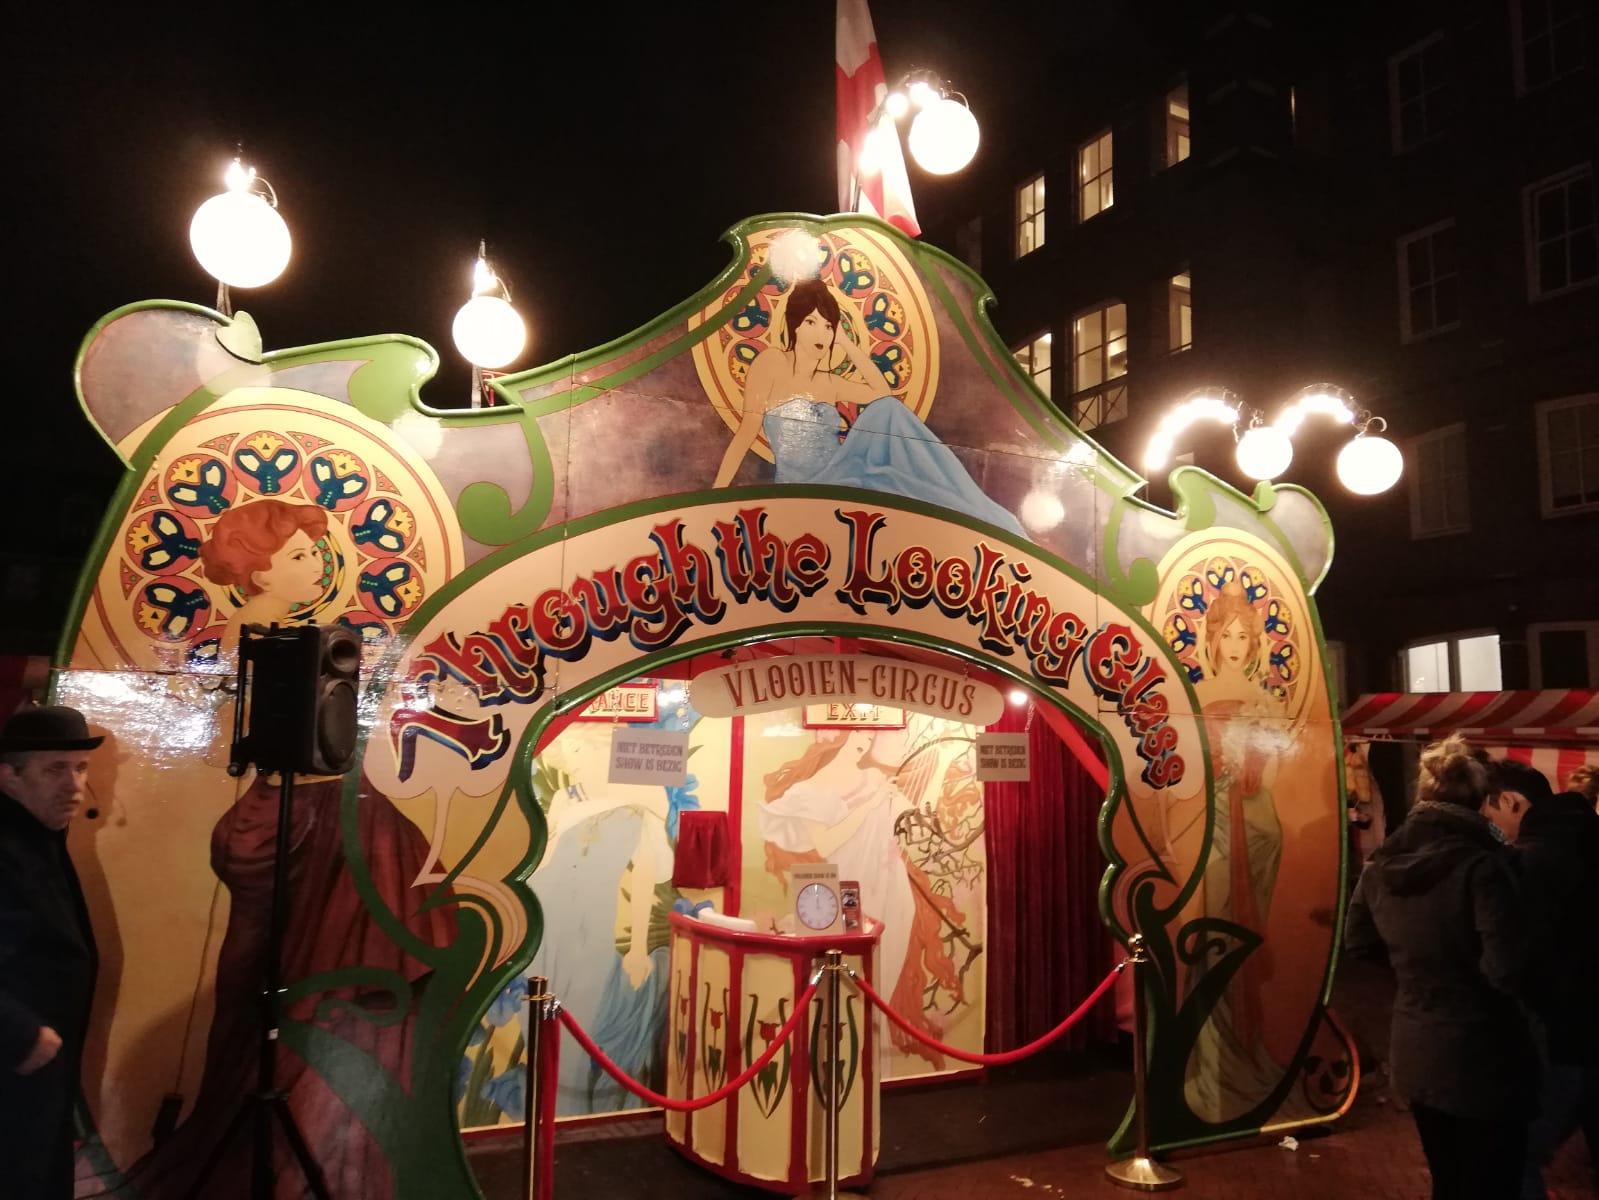 nostalgisch vlooien circus theater uit 1922